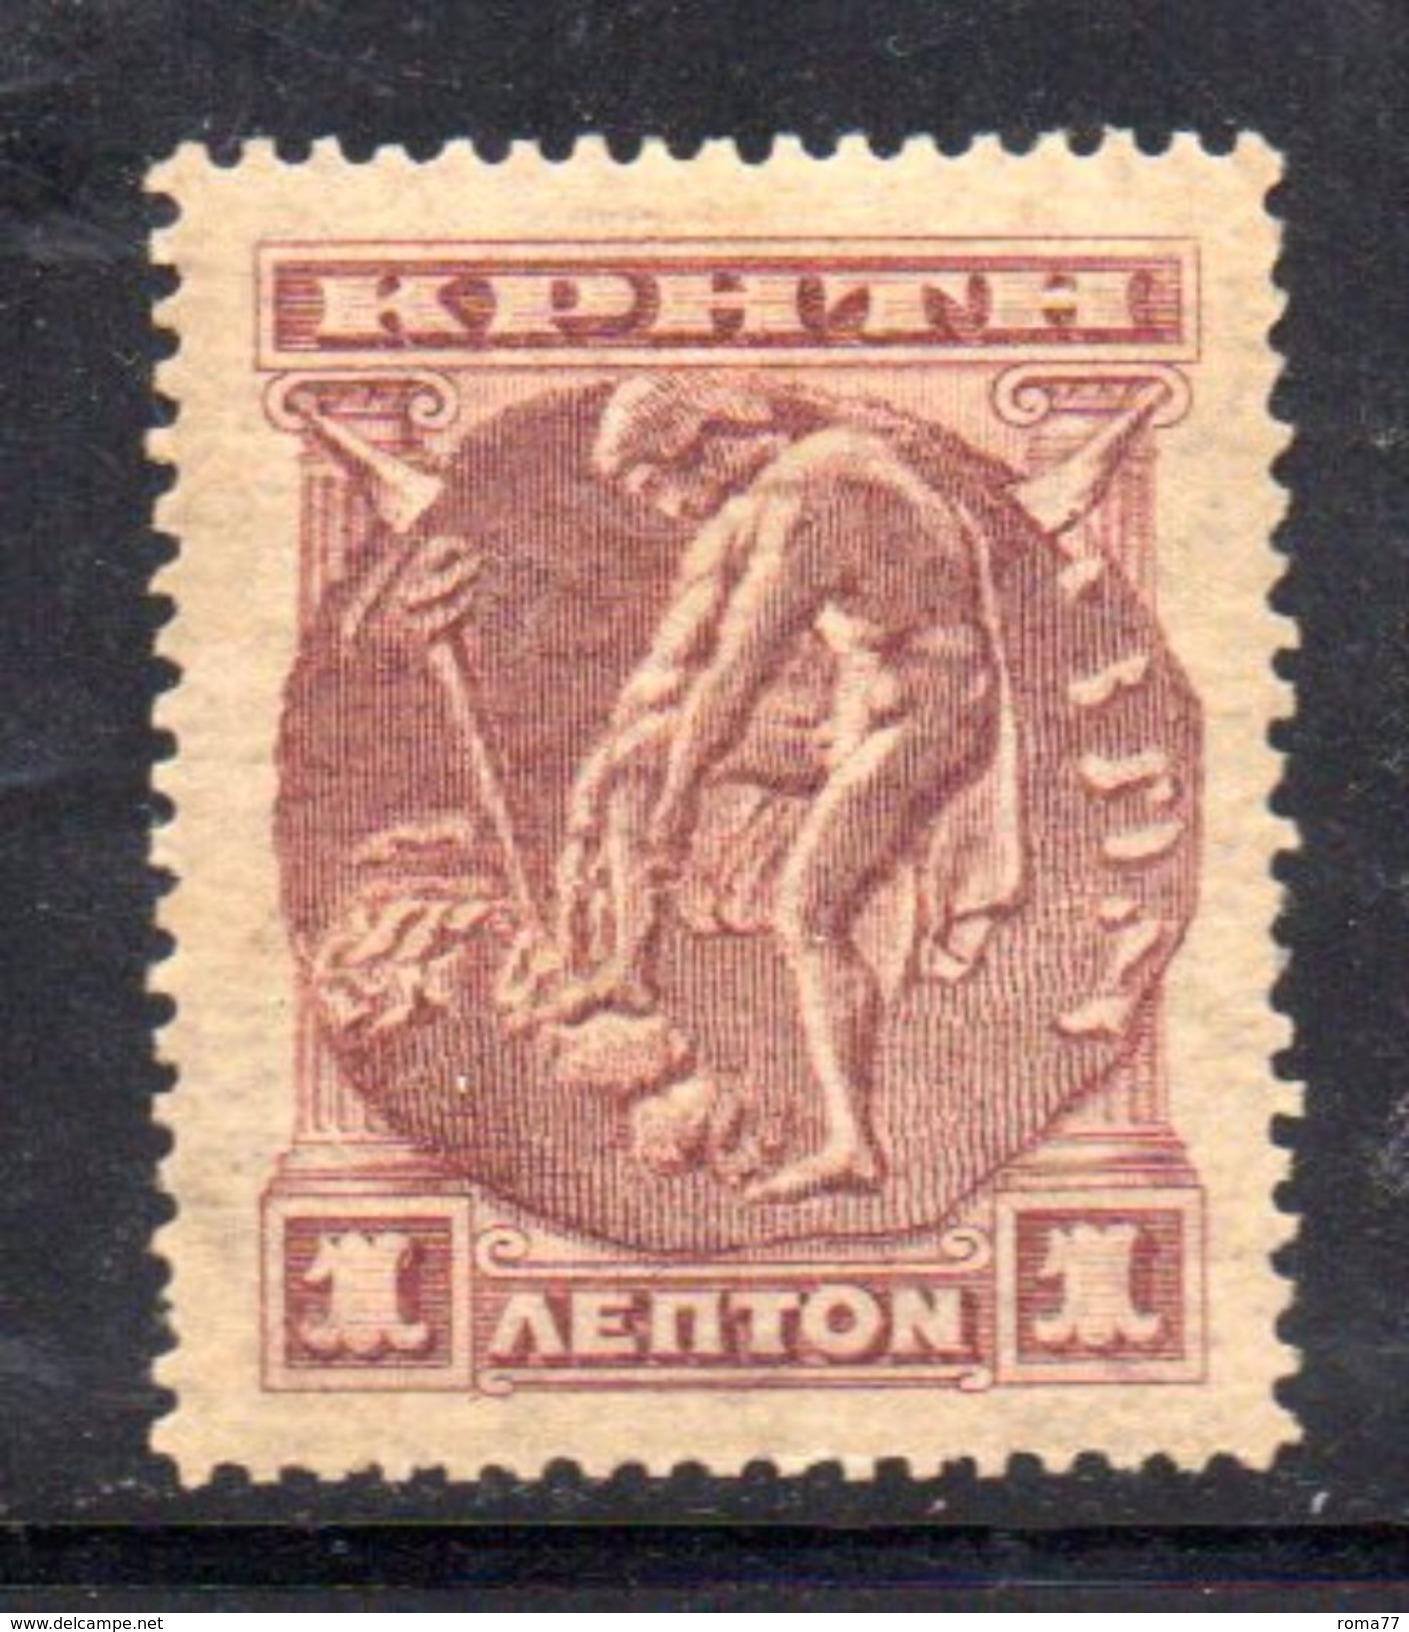 XP24 - CRETA 1900, 1 Lepton Gomma Integra  ** - Creta